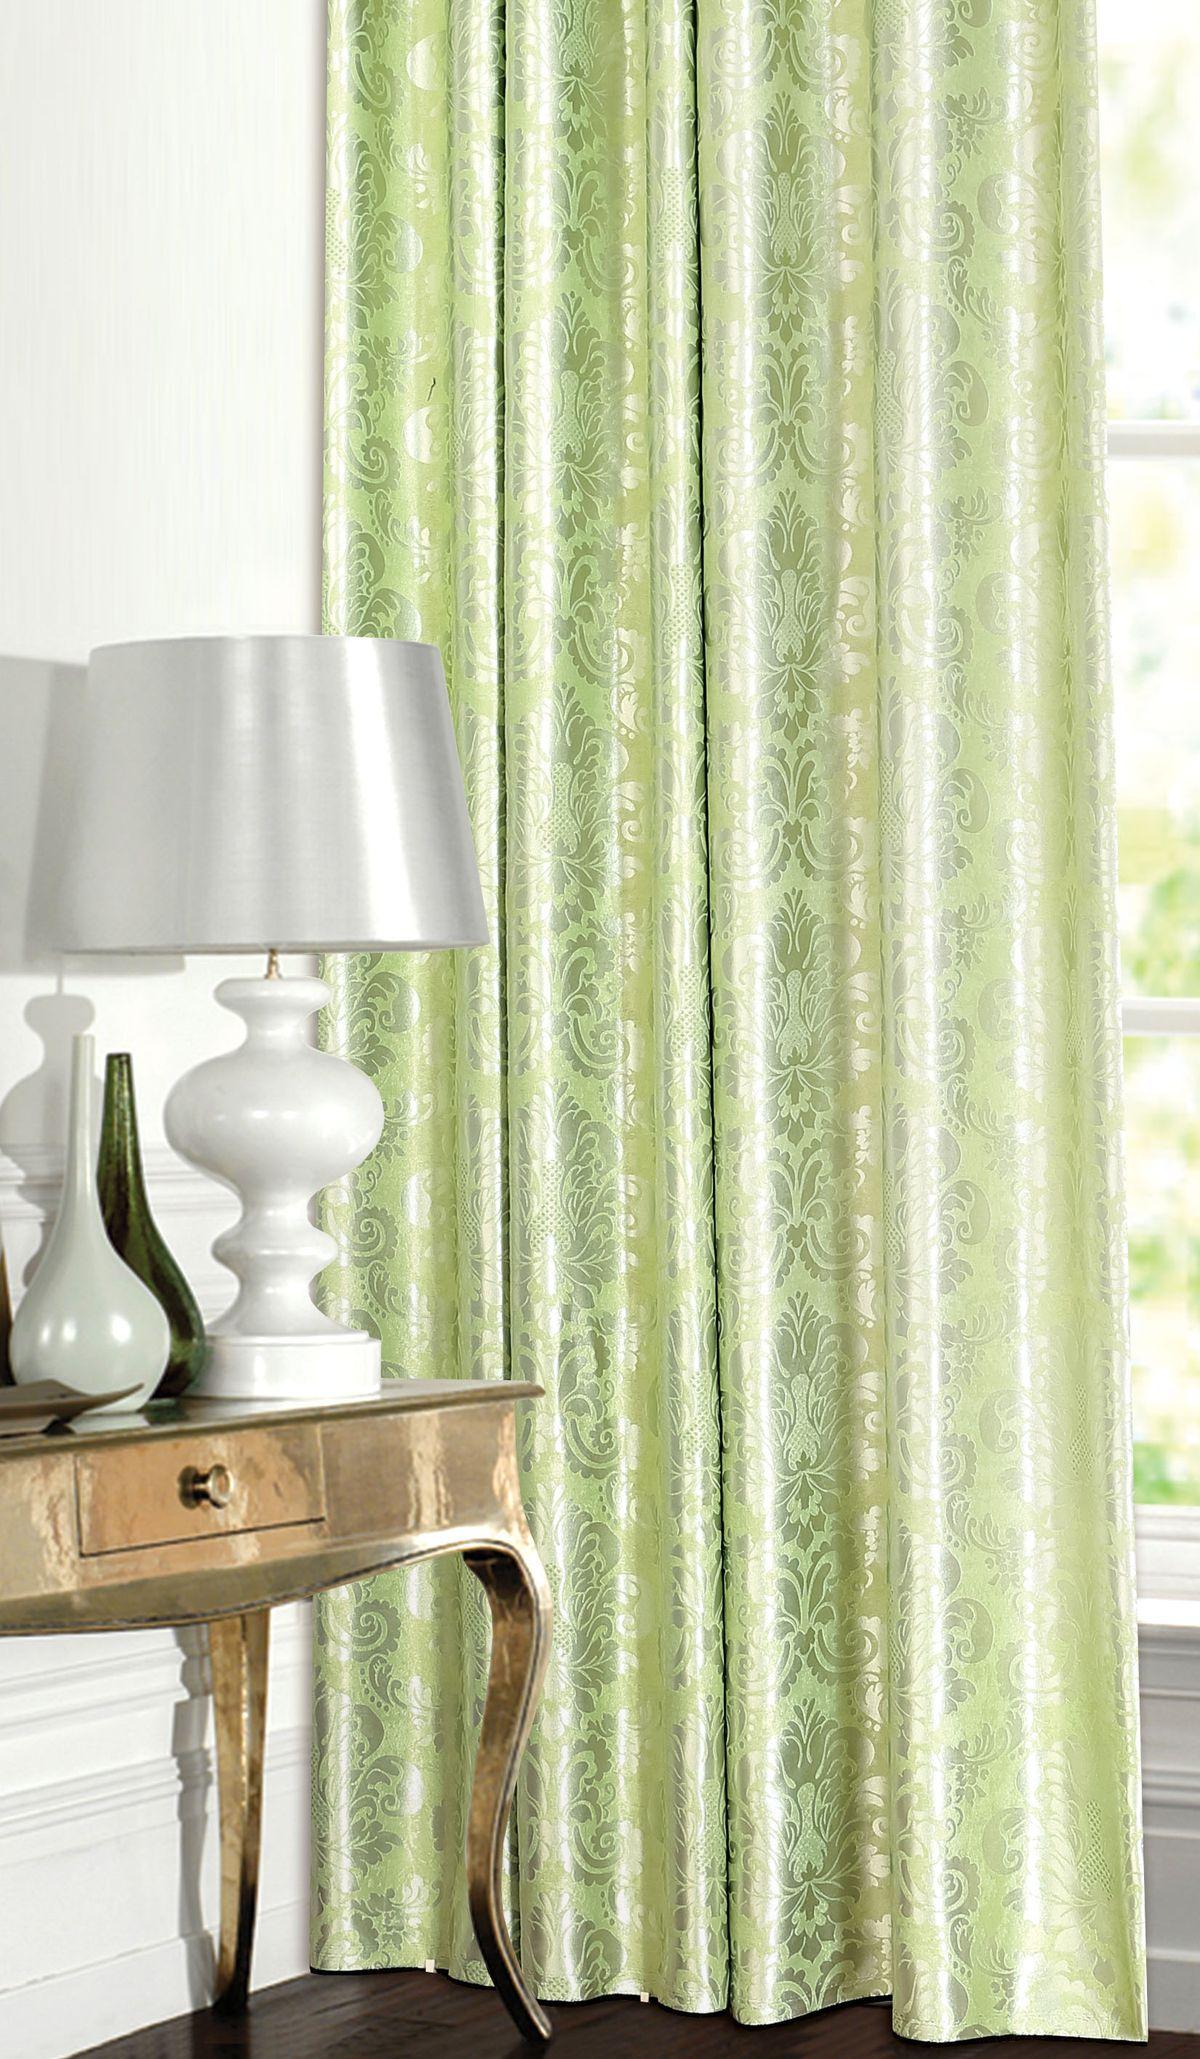 Штора готовая Garden, на ленте, цвет: зеленый, 180х260 см. С 537392 V7С 537392 V7Изящная штора для гостиной Garden выполнена из плотной ткани жаккард. Приятная текстура и цвет привлекут к себе внимание и органично впишутся в интерьер помещения. Штора крепится на карниз при помощи ленты, которая поможет красиво и равномерно задрапировать верх.